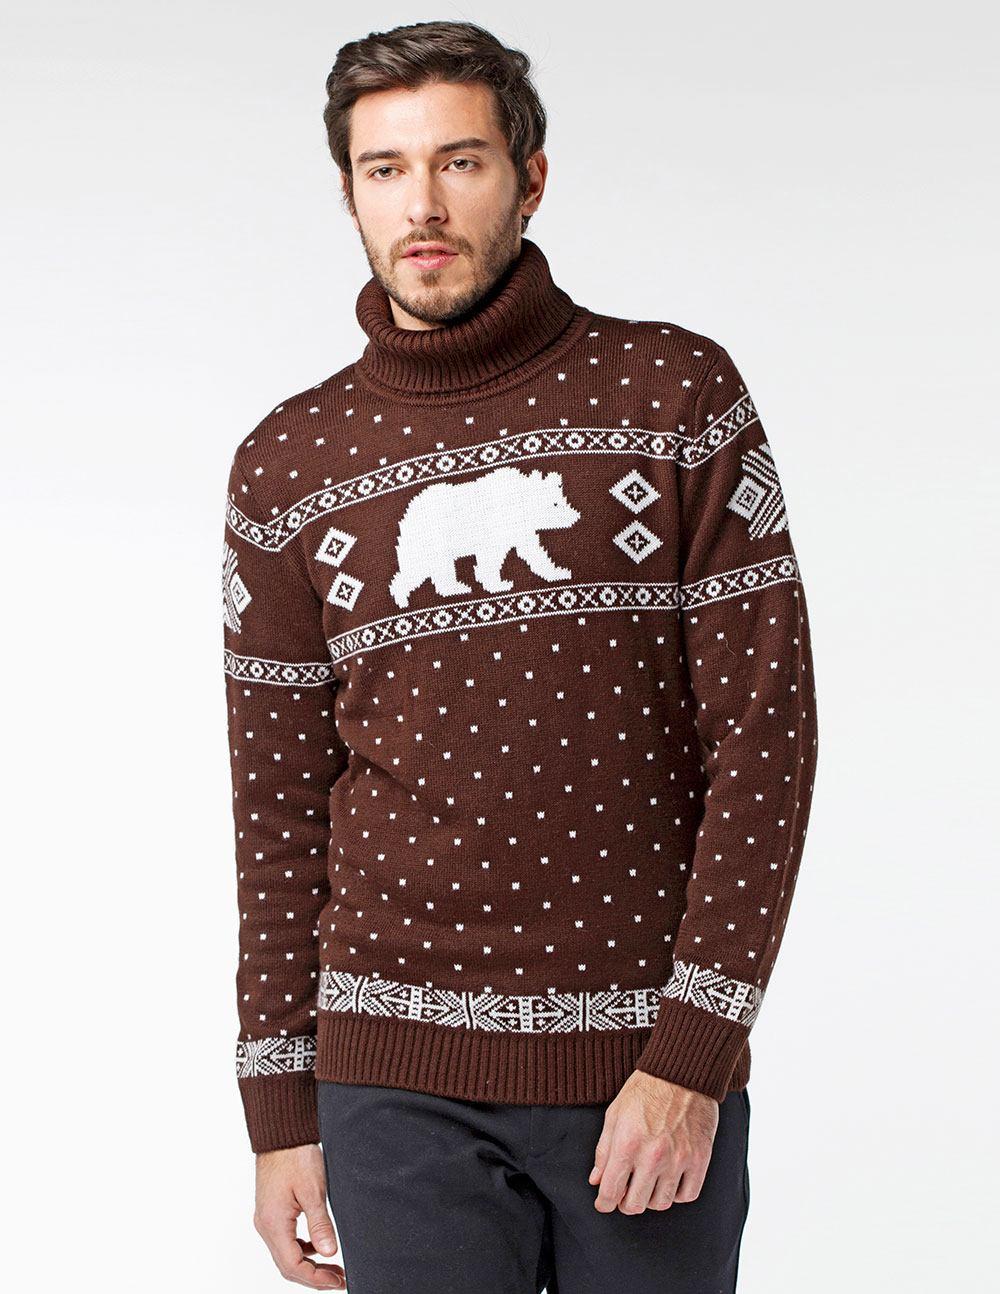 Теплые свитера женские интернет магазин доставка